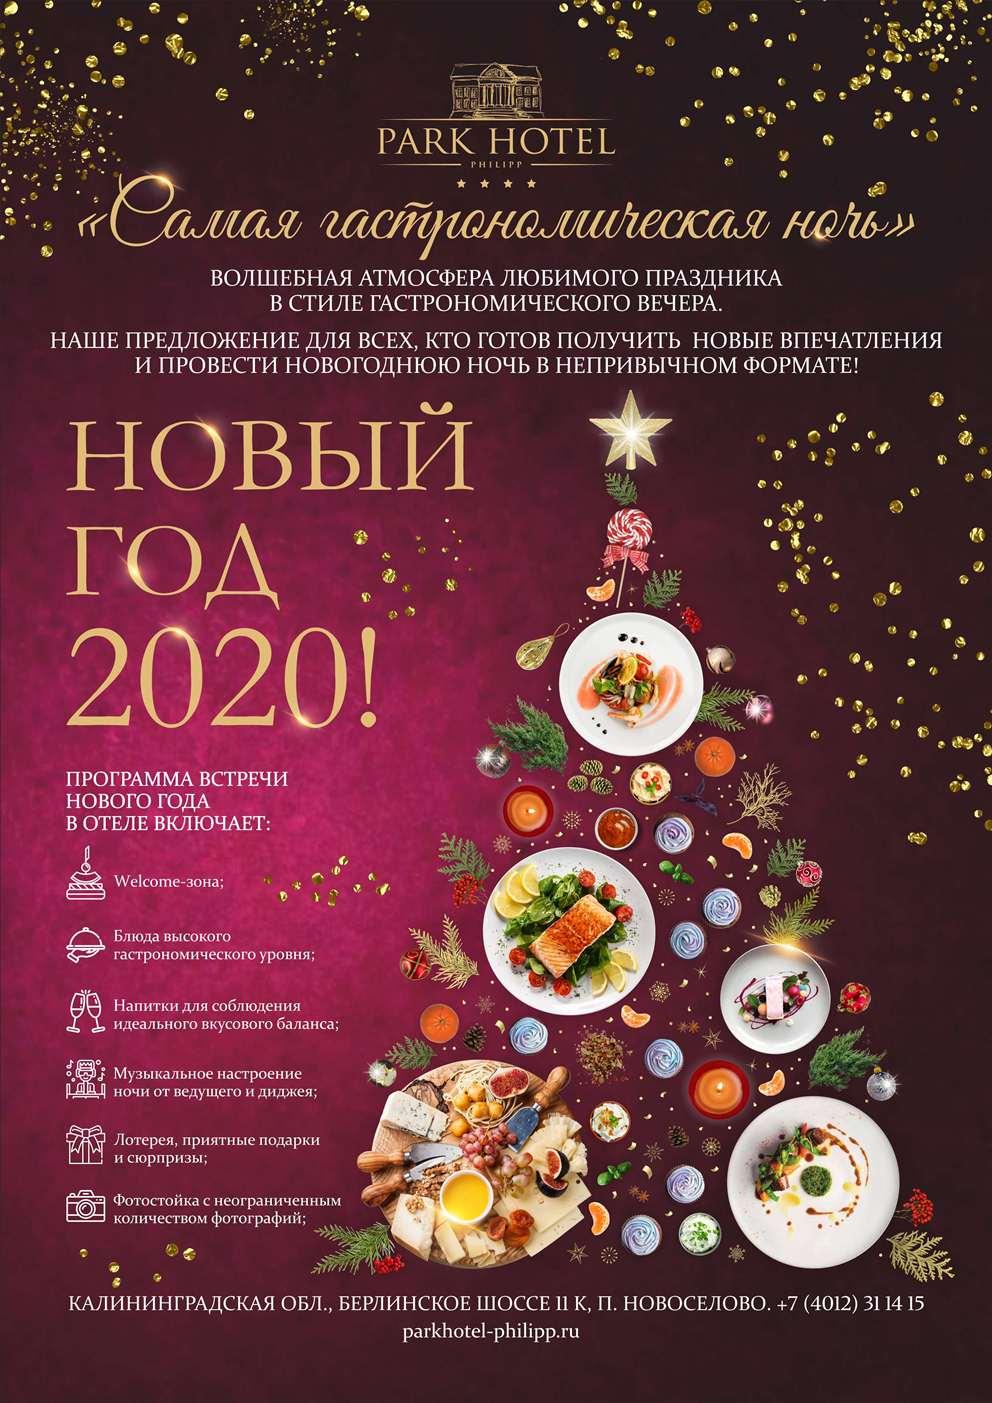 """Новый год 2020, афиша парк-отеля """"Филипп"""" (Калининград)"""